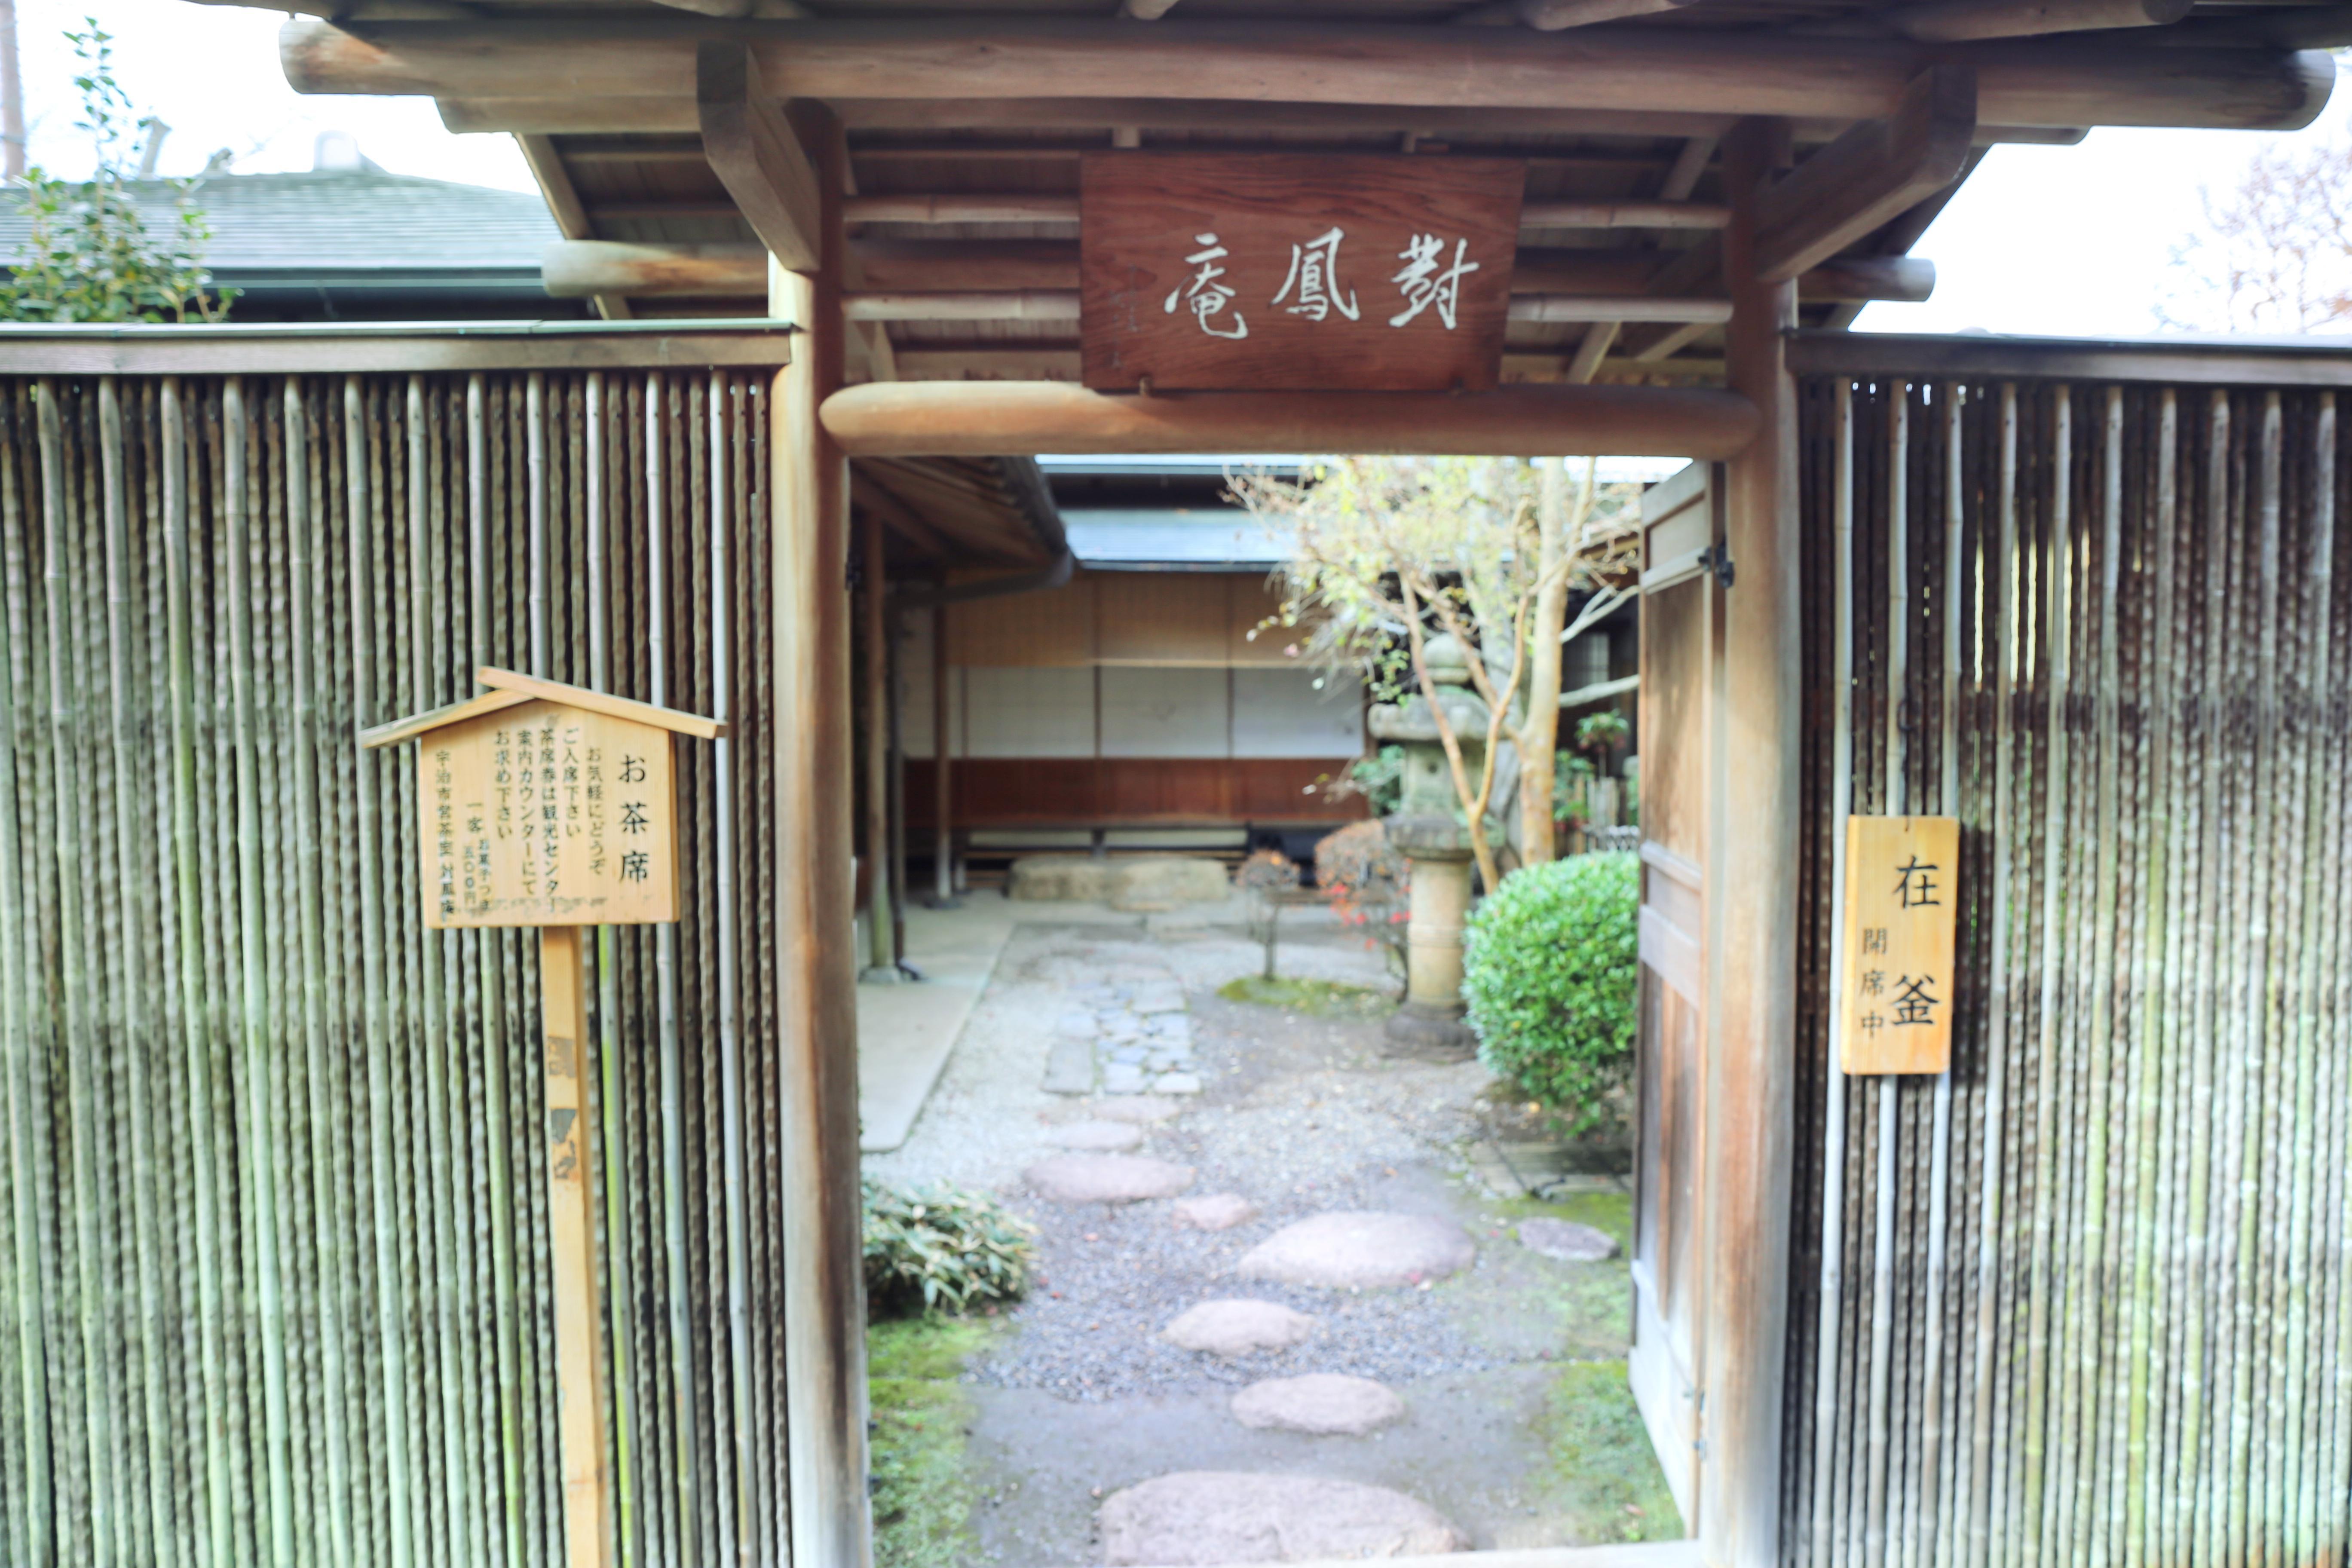 Taiho-an